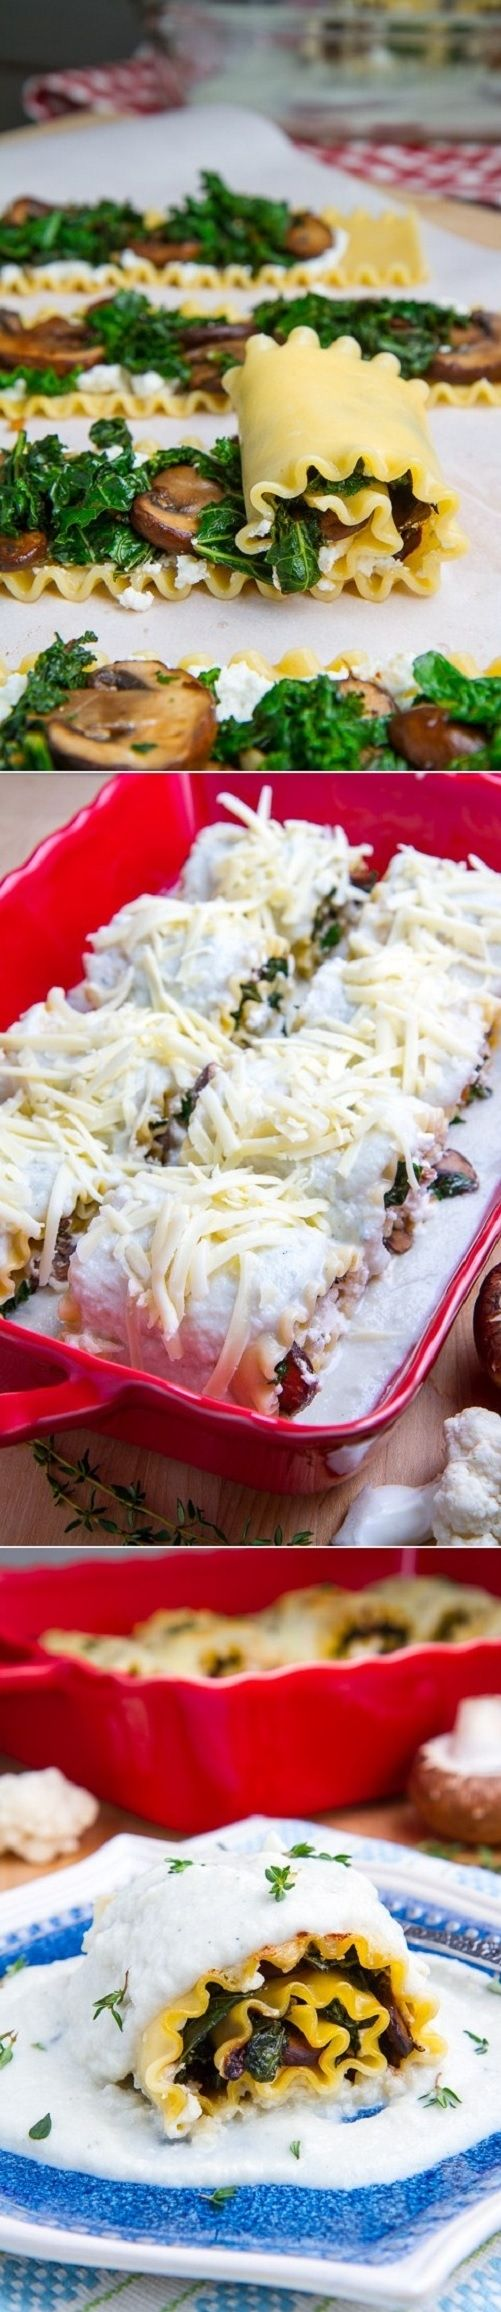 Mushroom Lasagna Roll Ups: